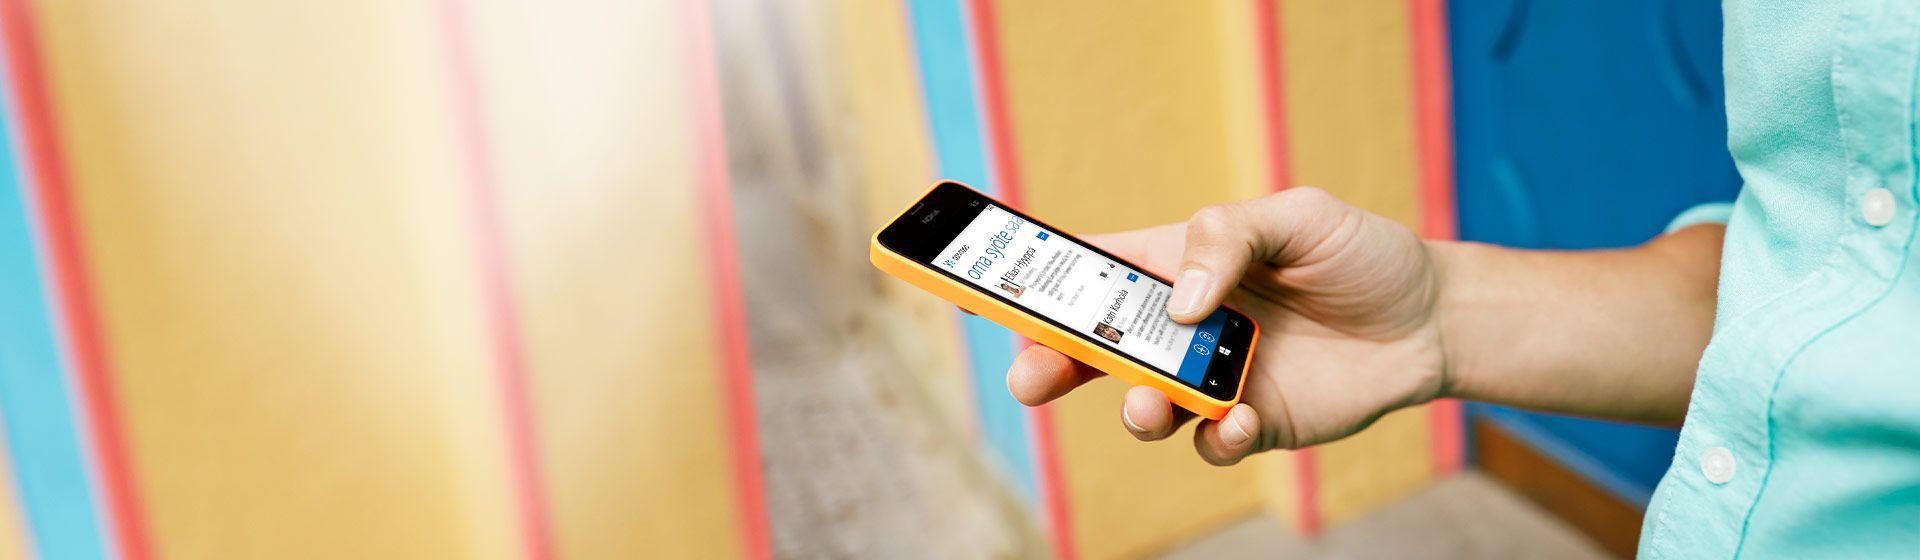 Kädessä oleva Windows-puhelin, jossa näkyy syöte Yammer-mobiilisovelluksessa